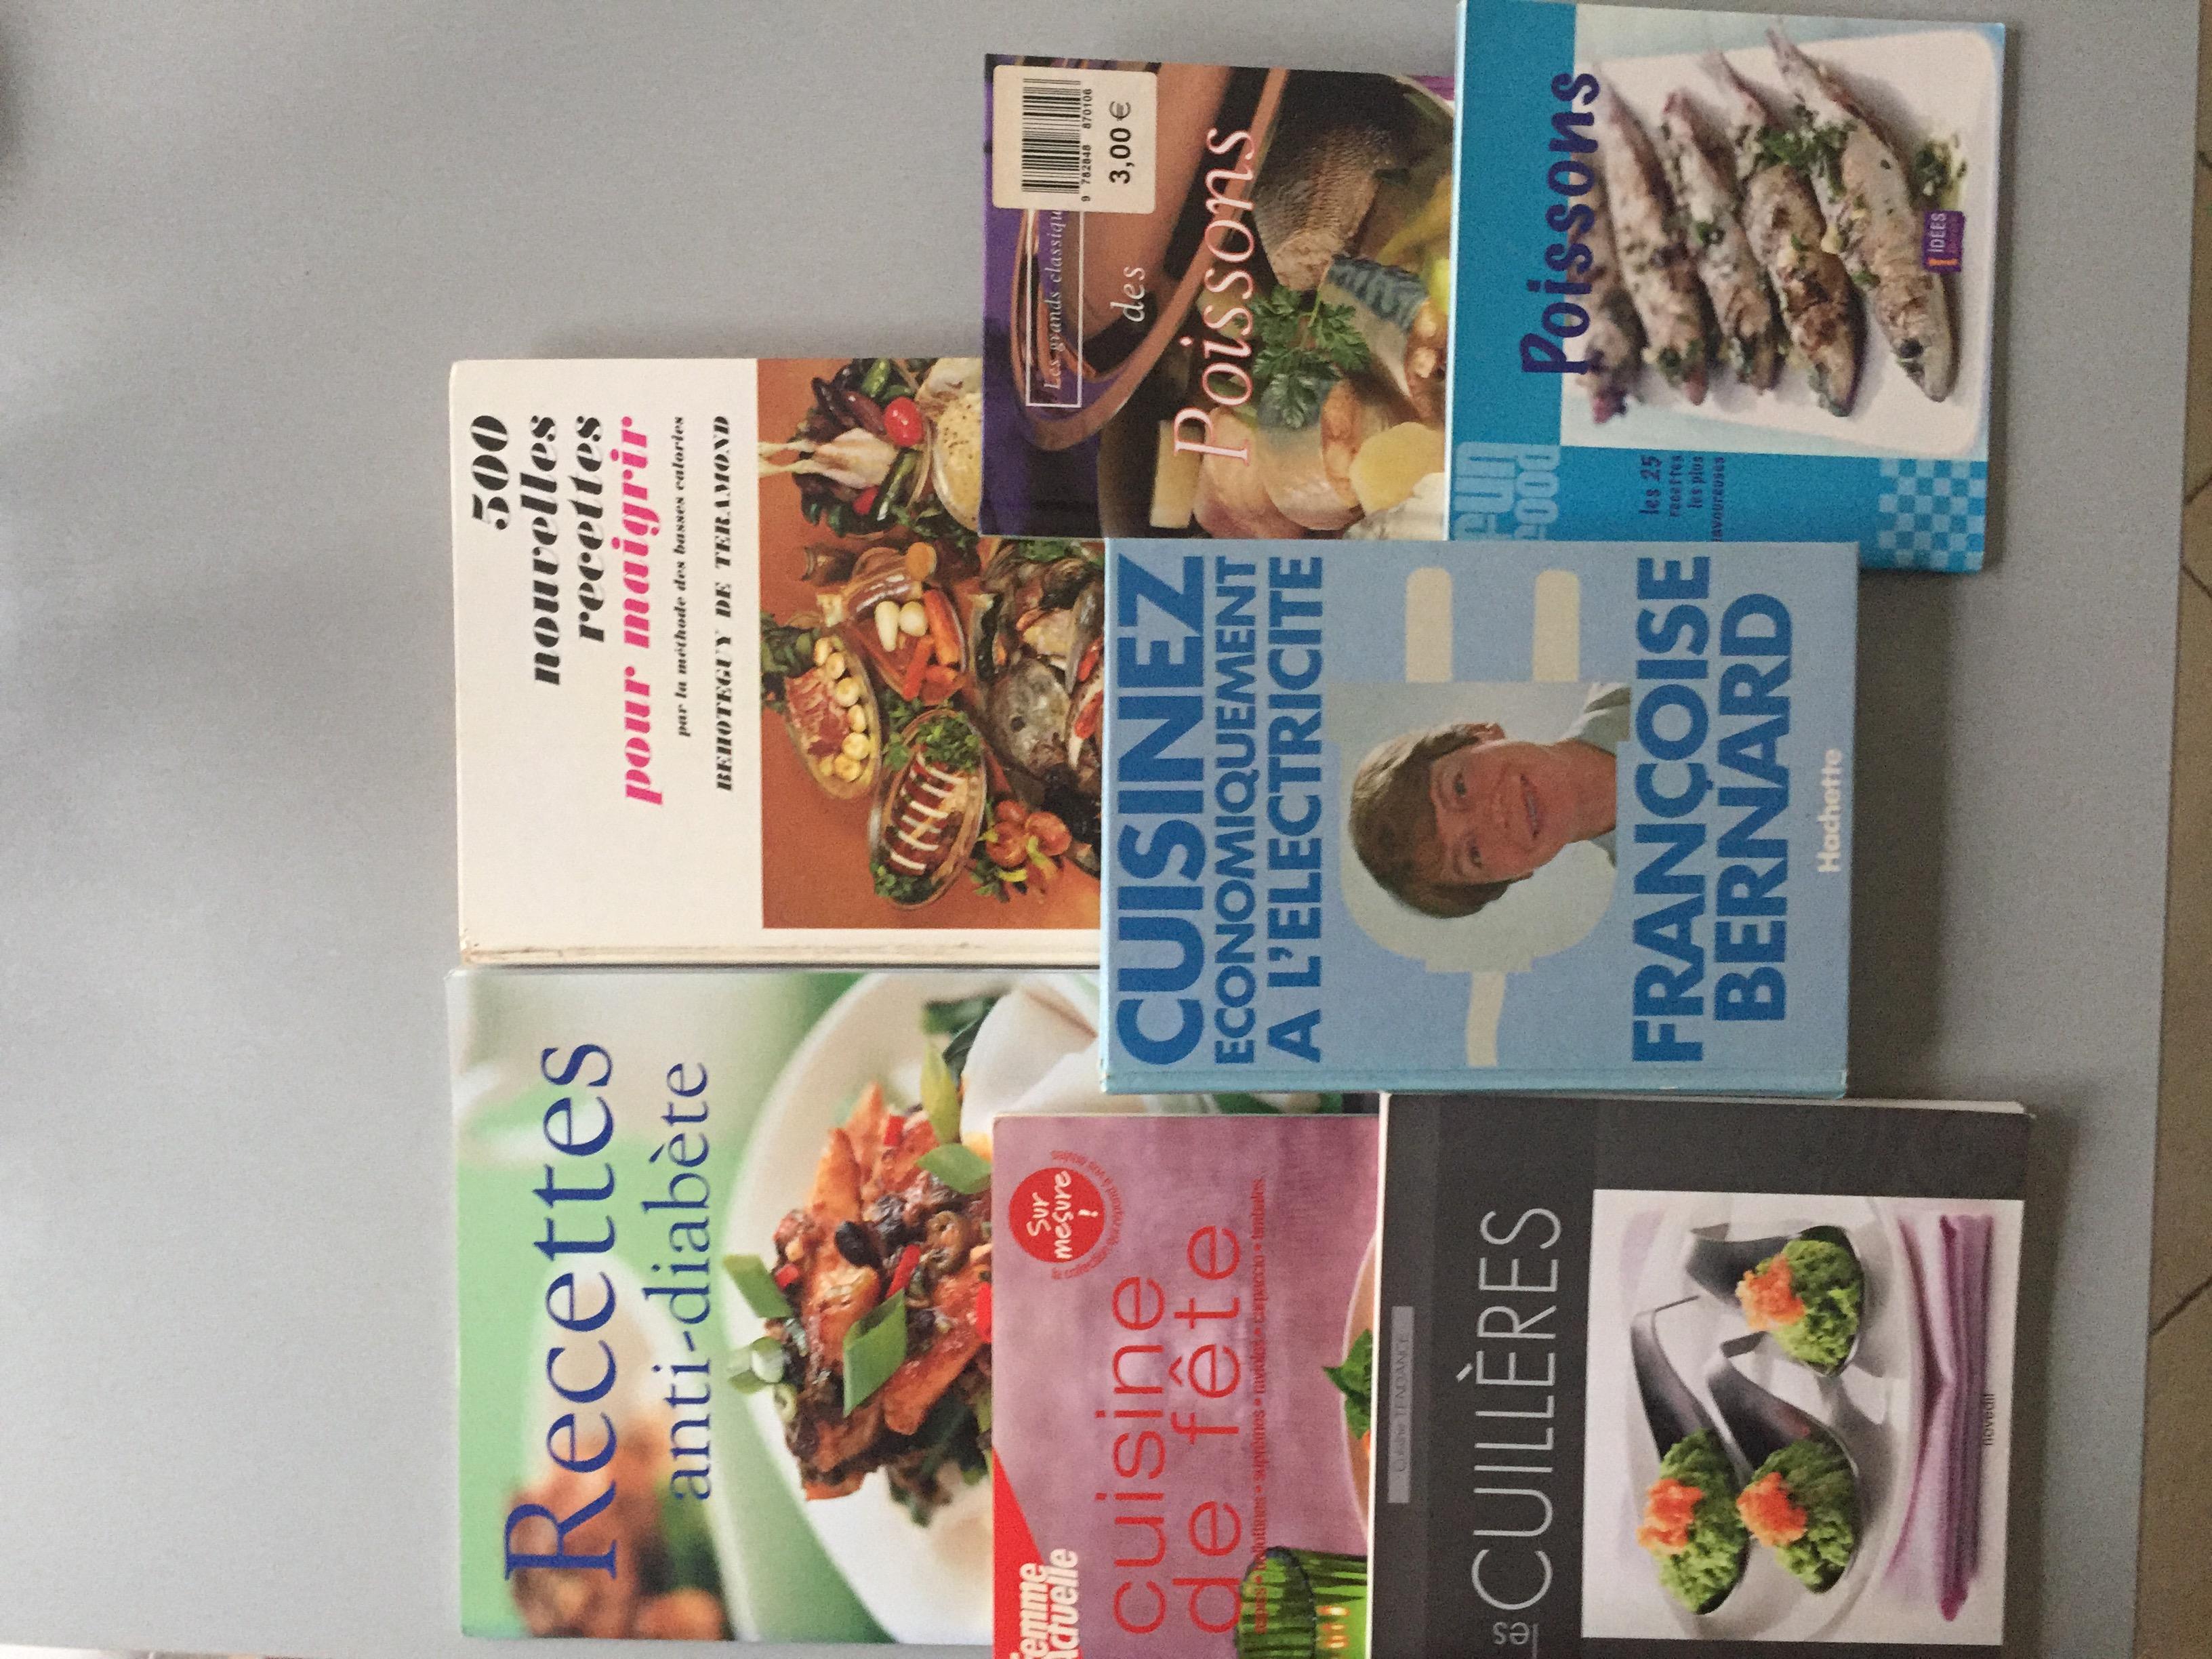 livres divers de cuisine 0 Rouvroy (62)